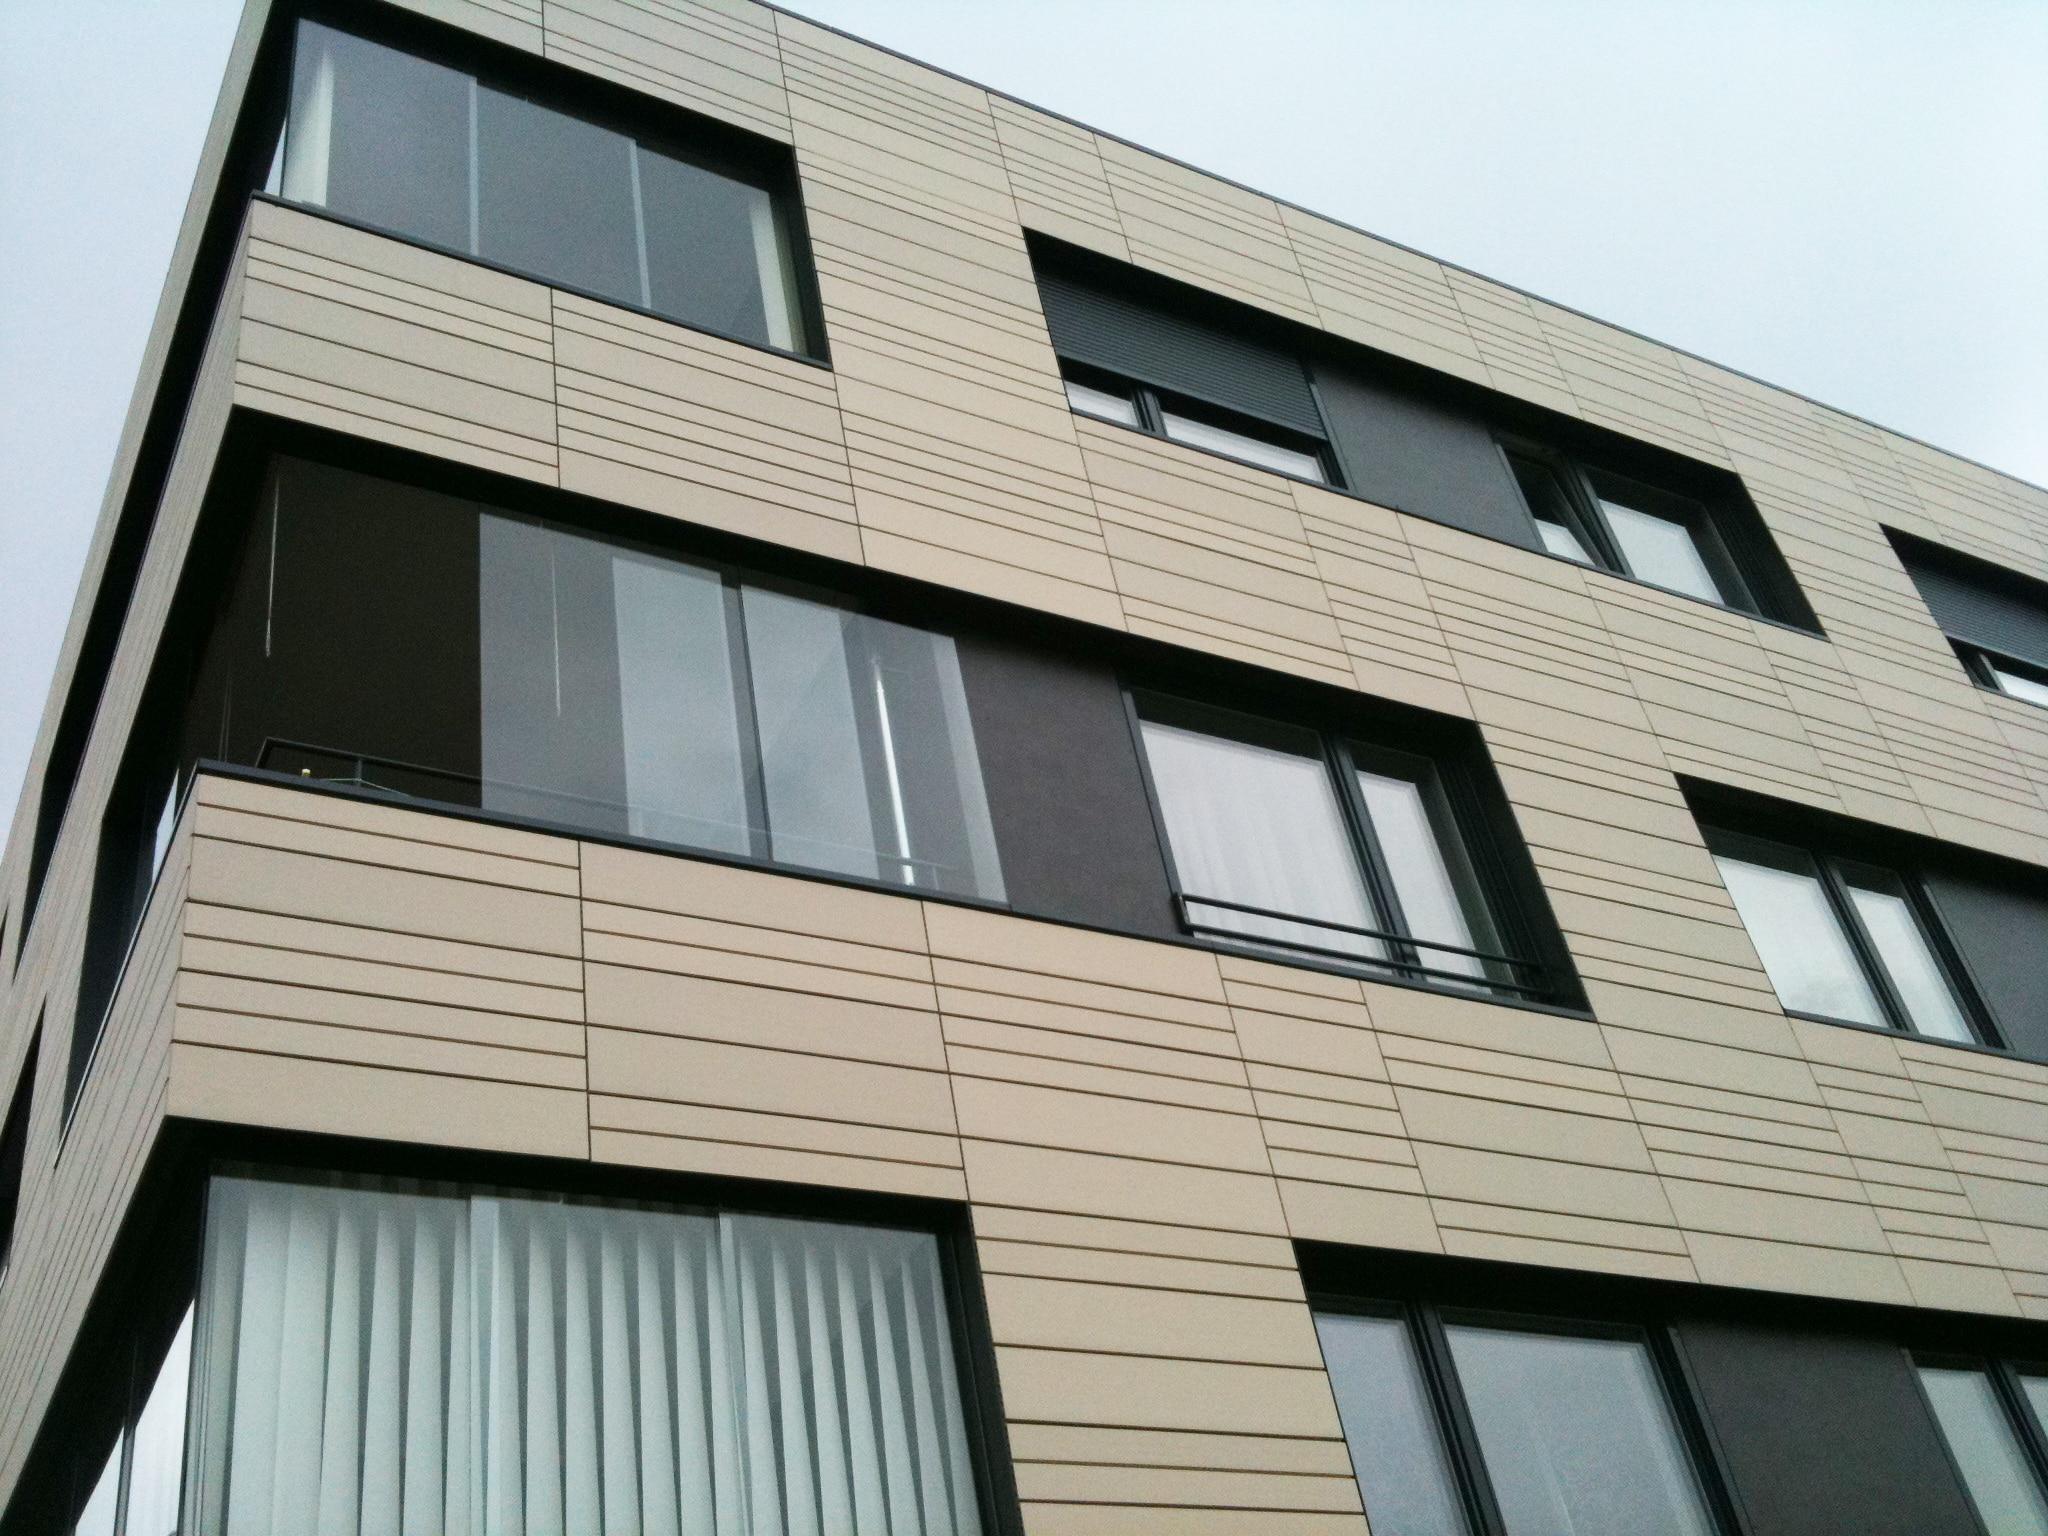 Nachträglich Schiebefenster montieren